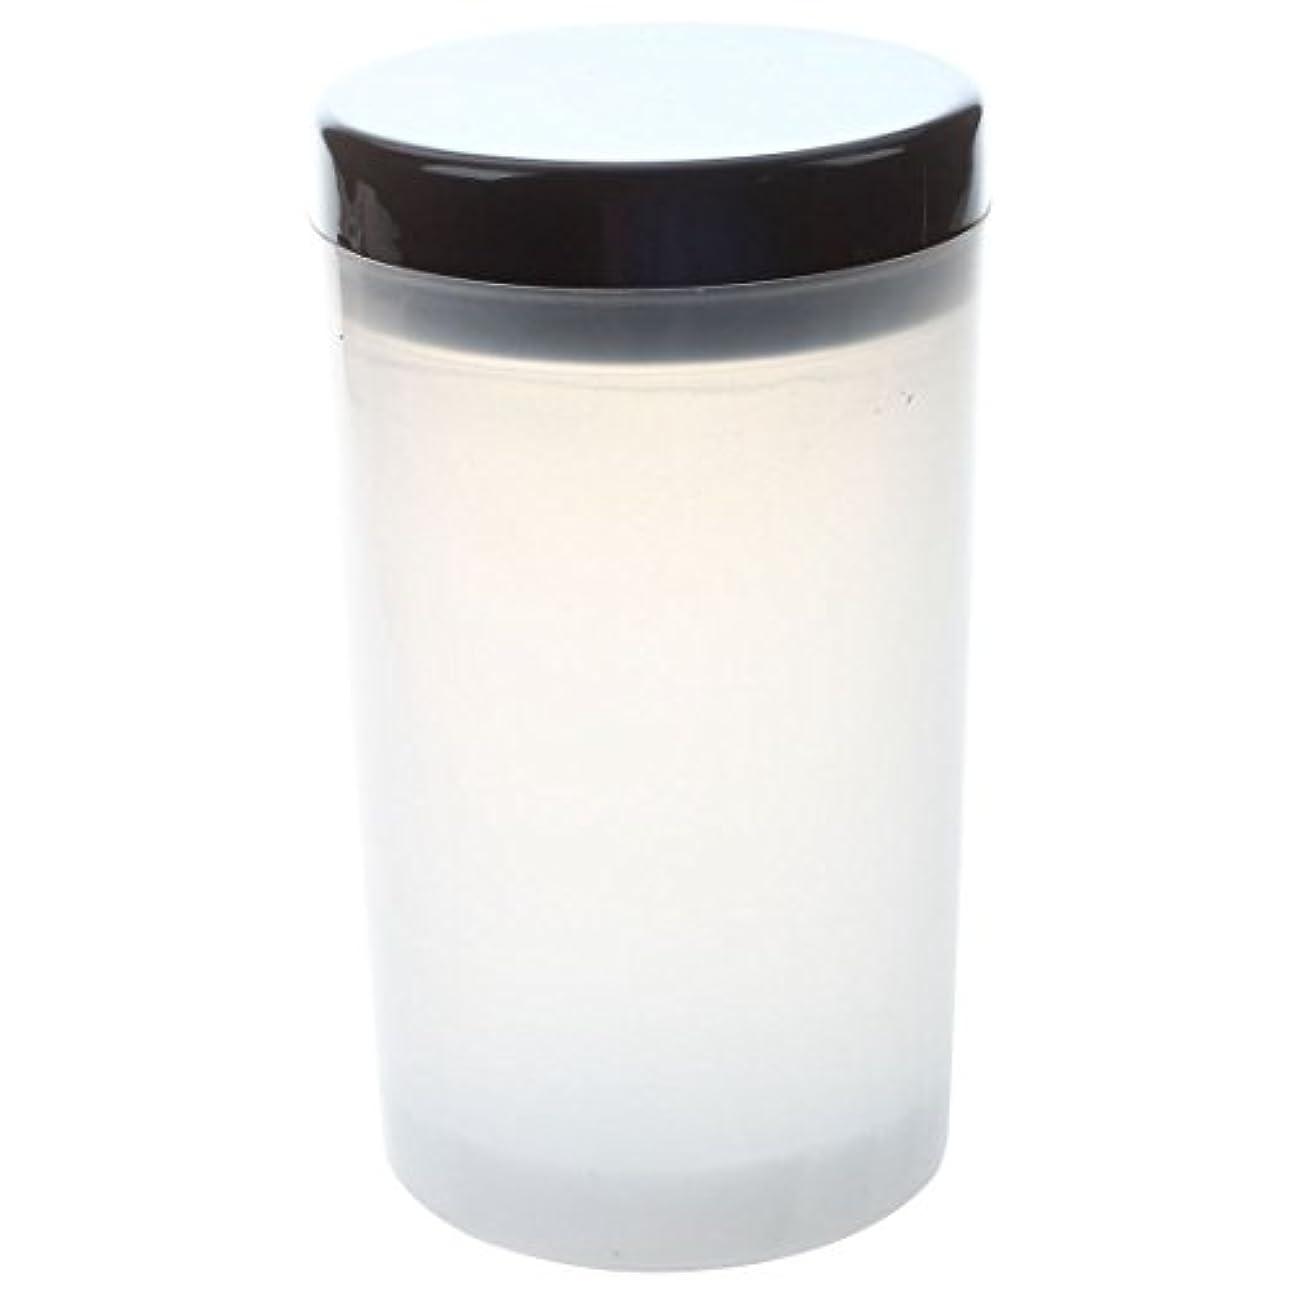 ウェブ憤るストライプXigeapg ネイルアートチップブラシホルダー リムーバーカップカップ浸漬ブラシ クリーナーボトル